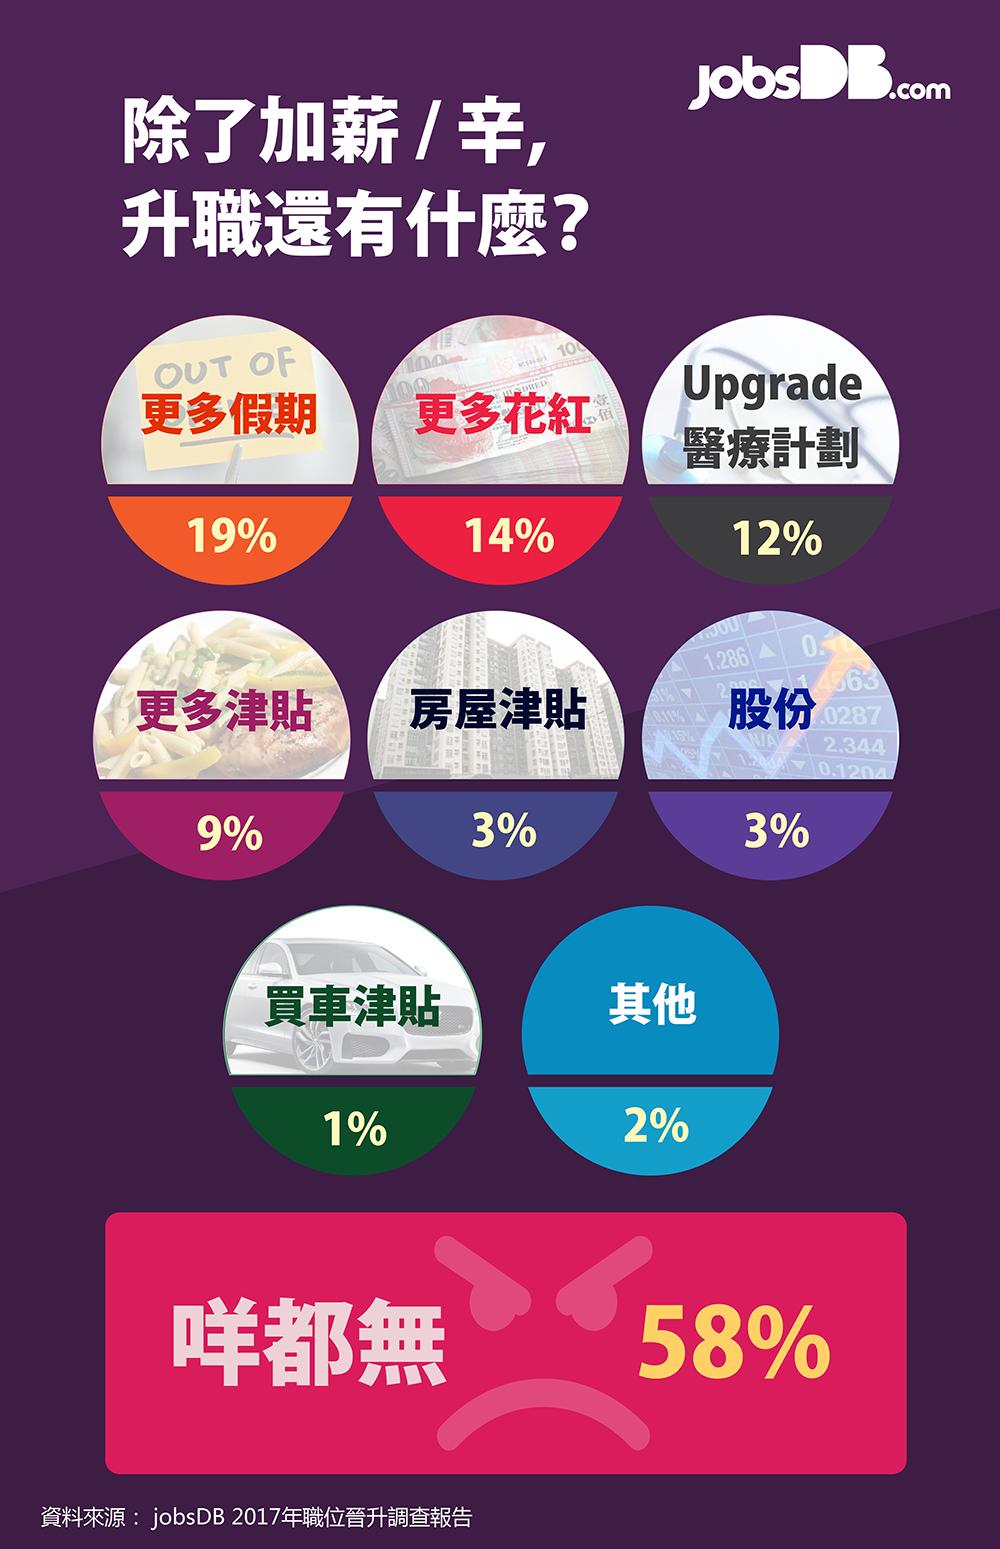 香港人認為受上司喜愛和運氣比工時長更有助升職